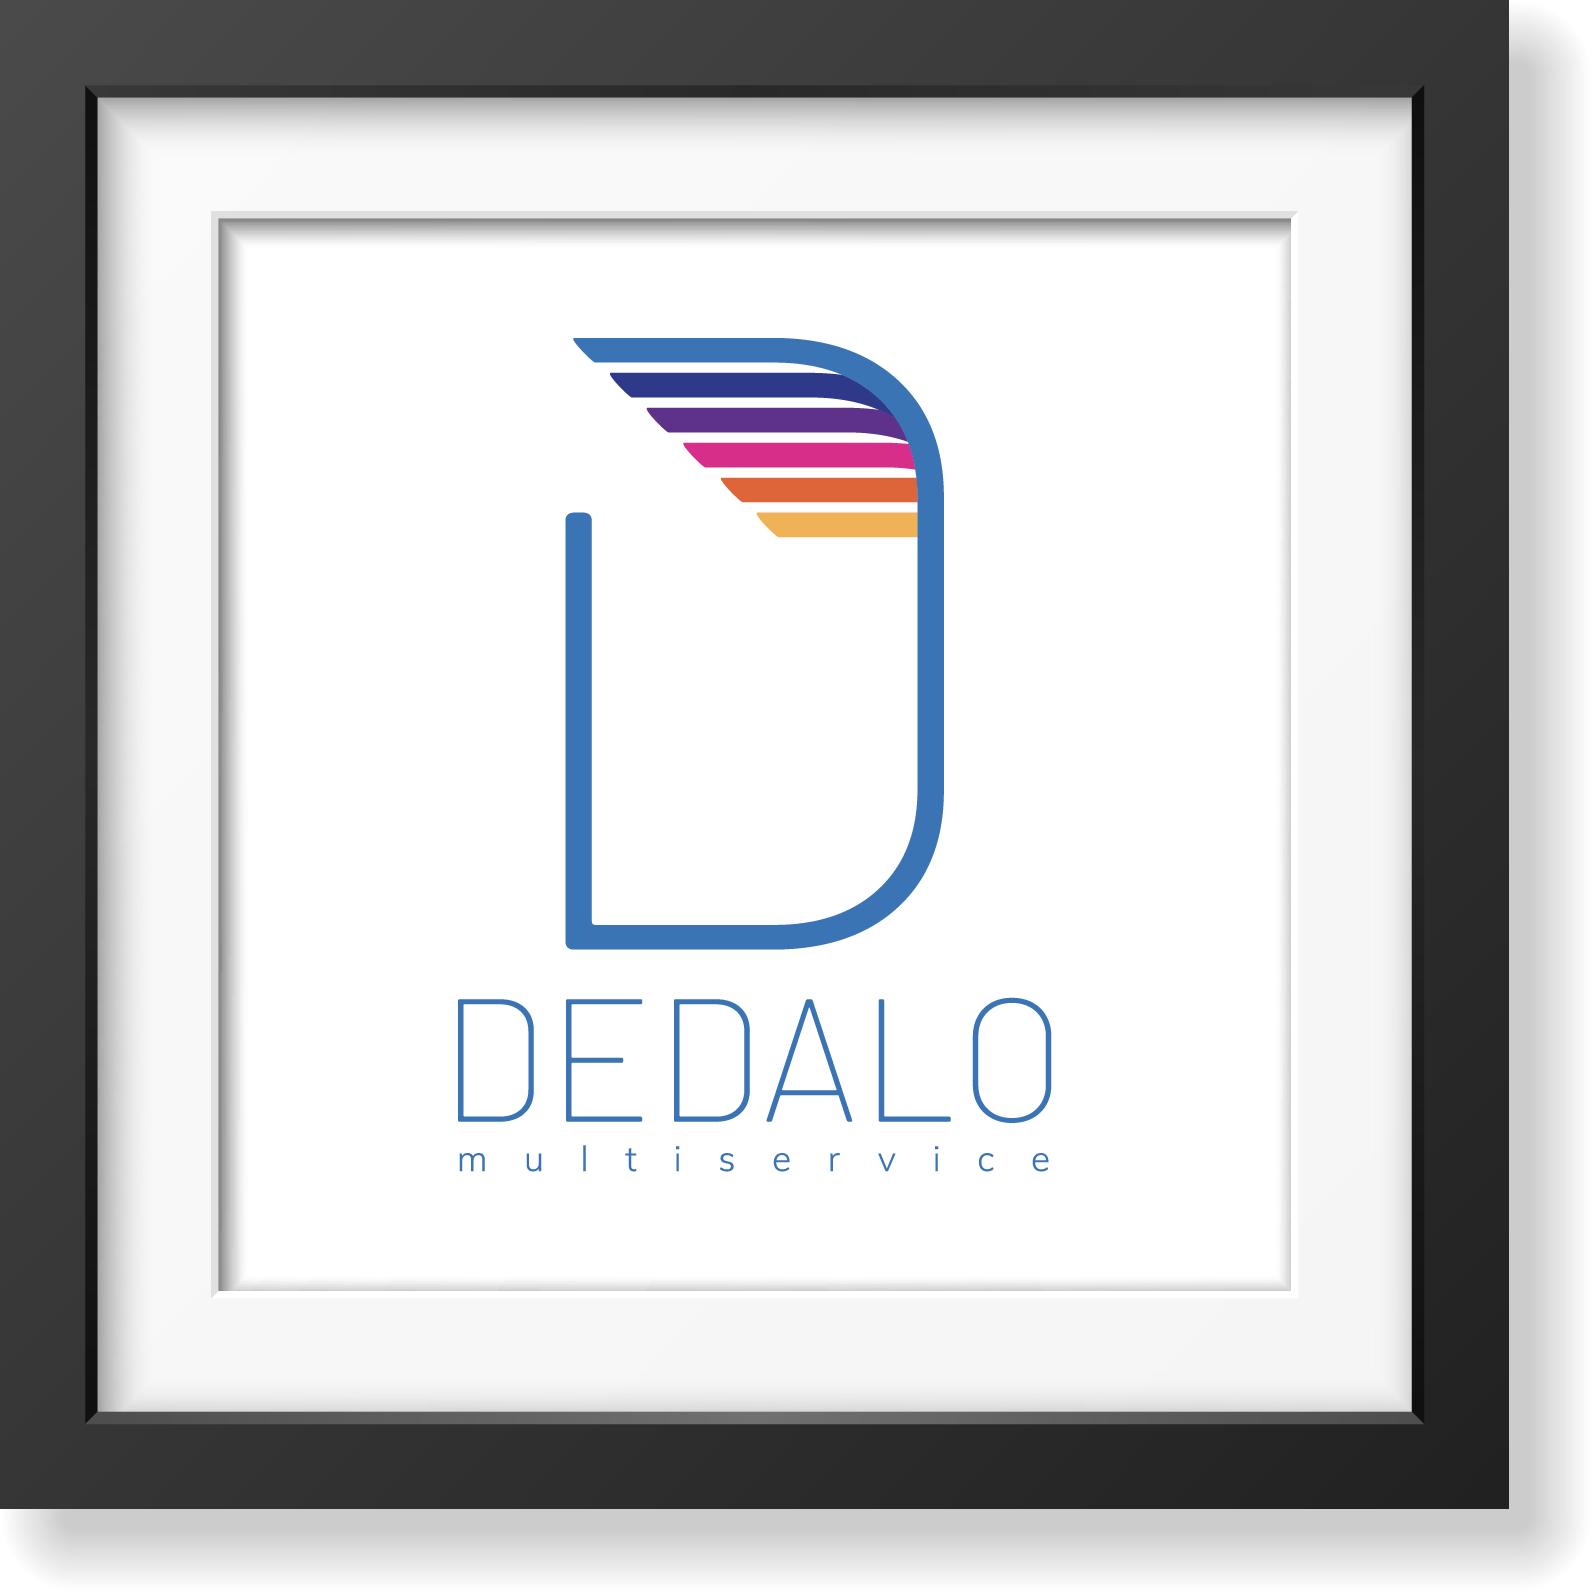 Dedalo multiservice - studio e realizzazione logo